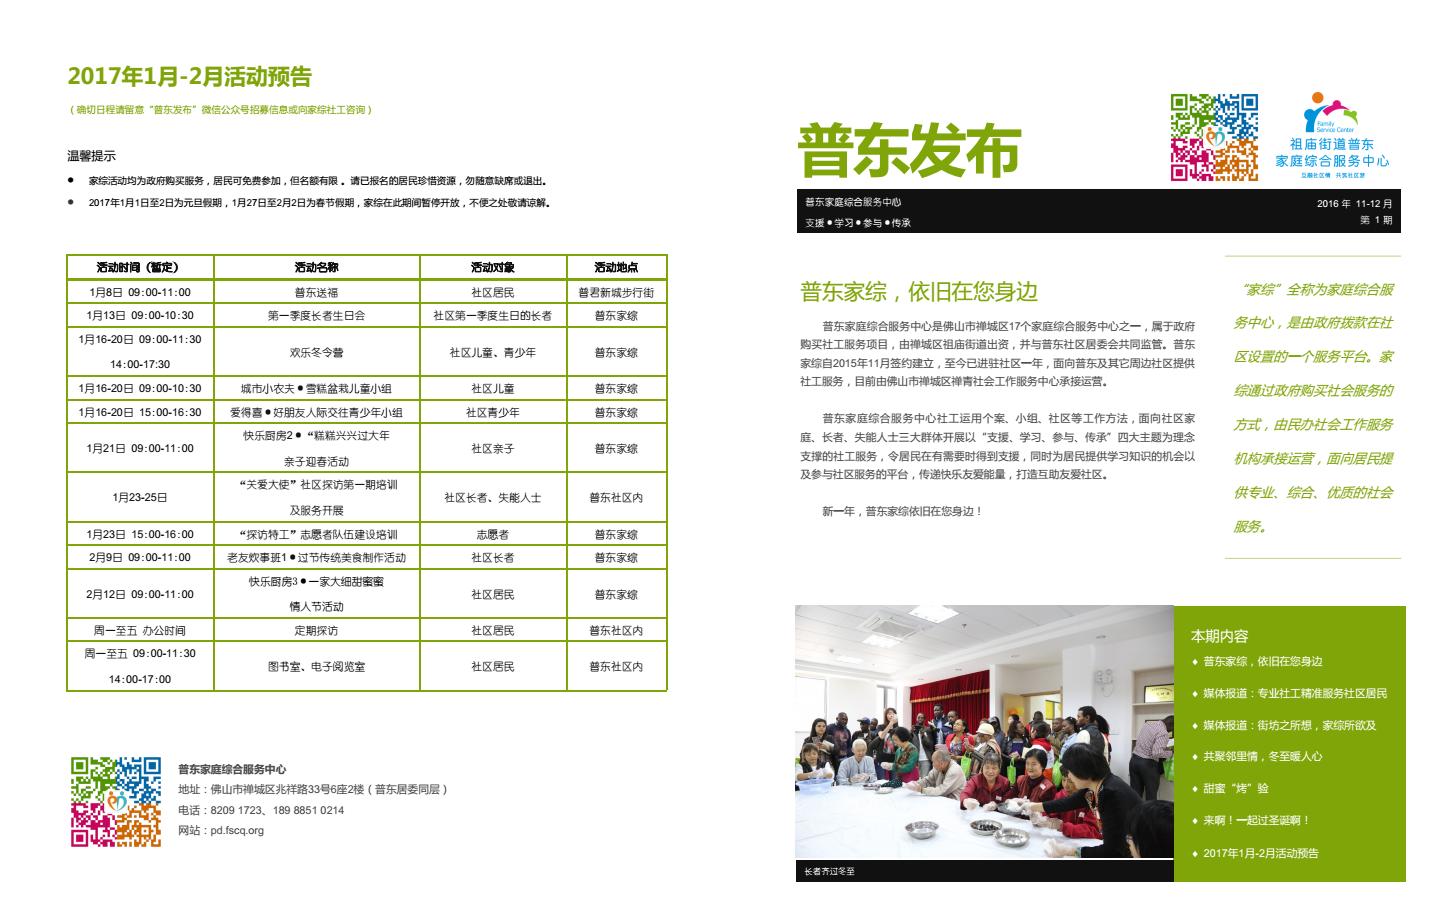 普东家庭综合服务中心11-12月刊